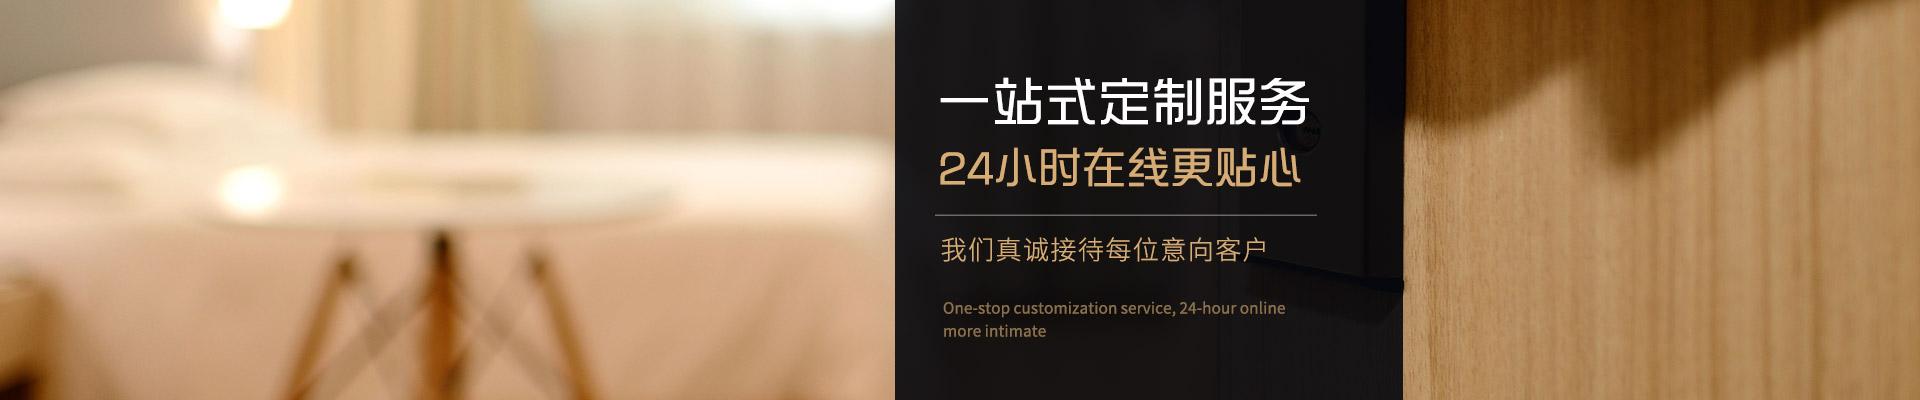 艾笑-一站式定制服务,24小时在线更贴心